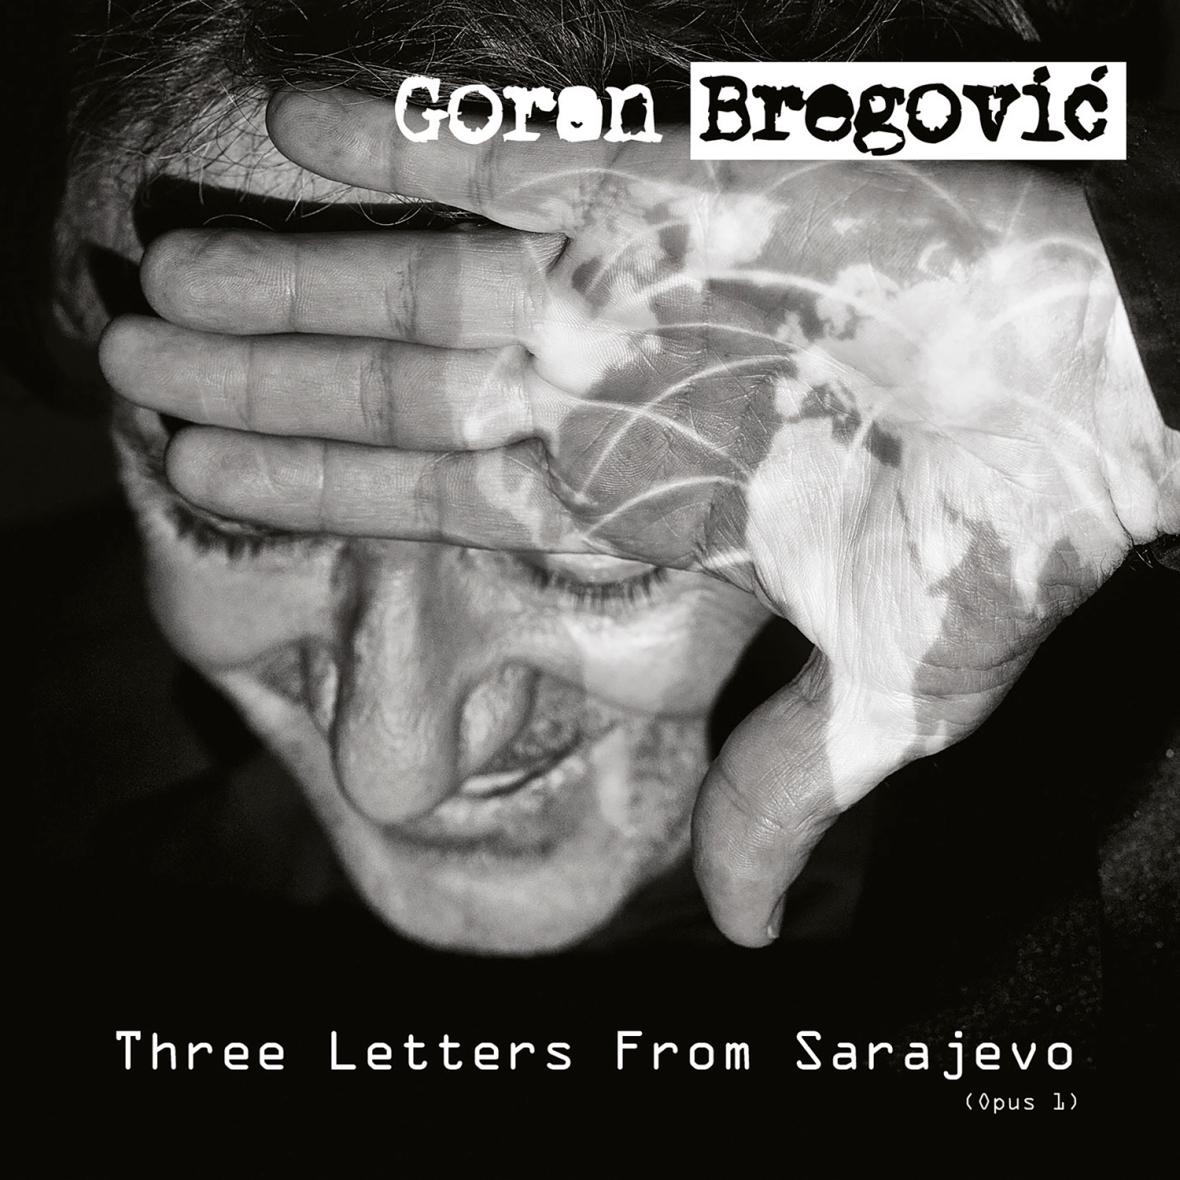 GORAN BREGOVIĆ - Three Letters From Sarajevo